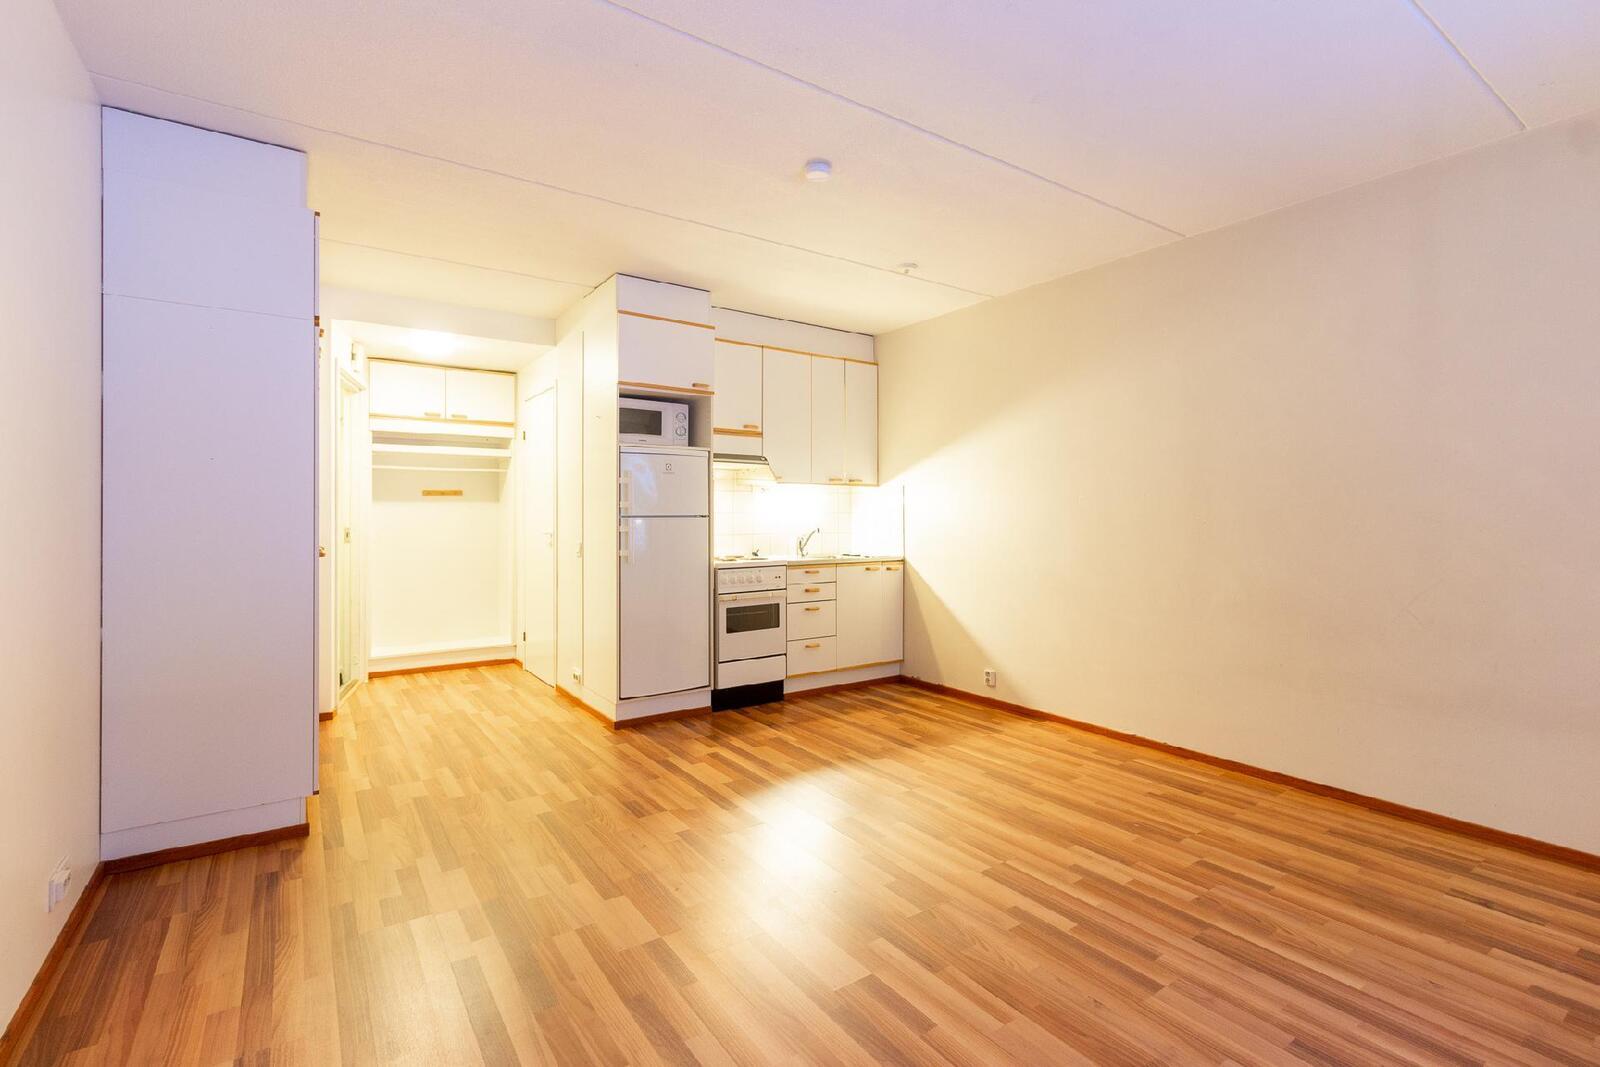 esimerkki kuva huoneistosta